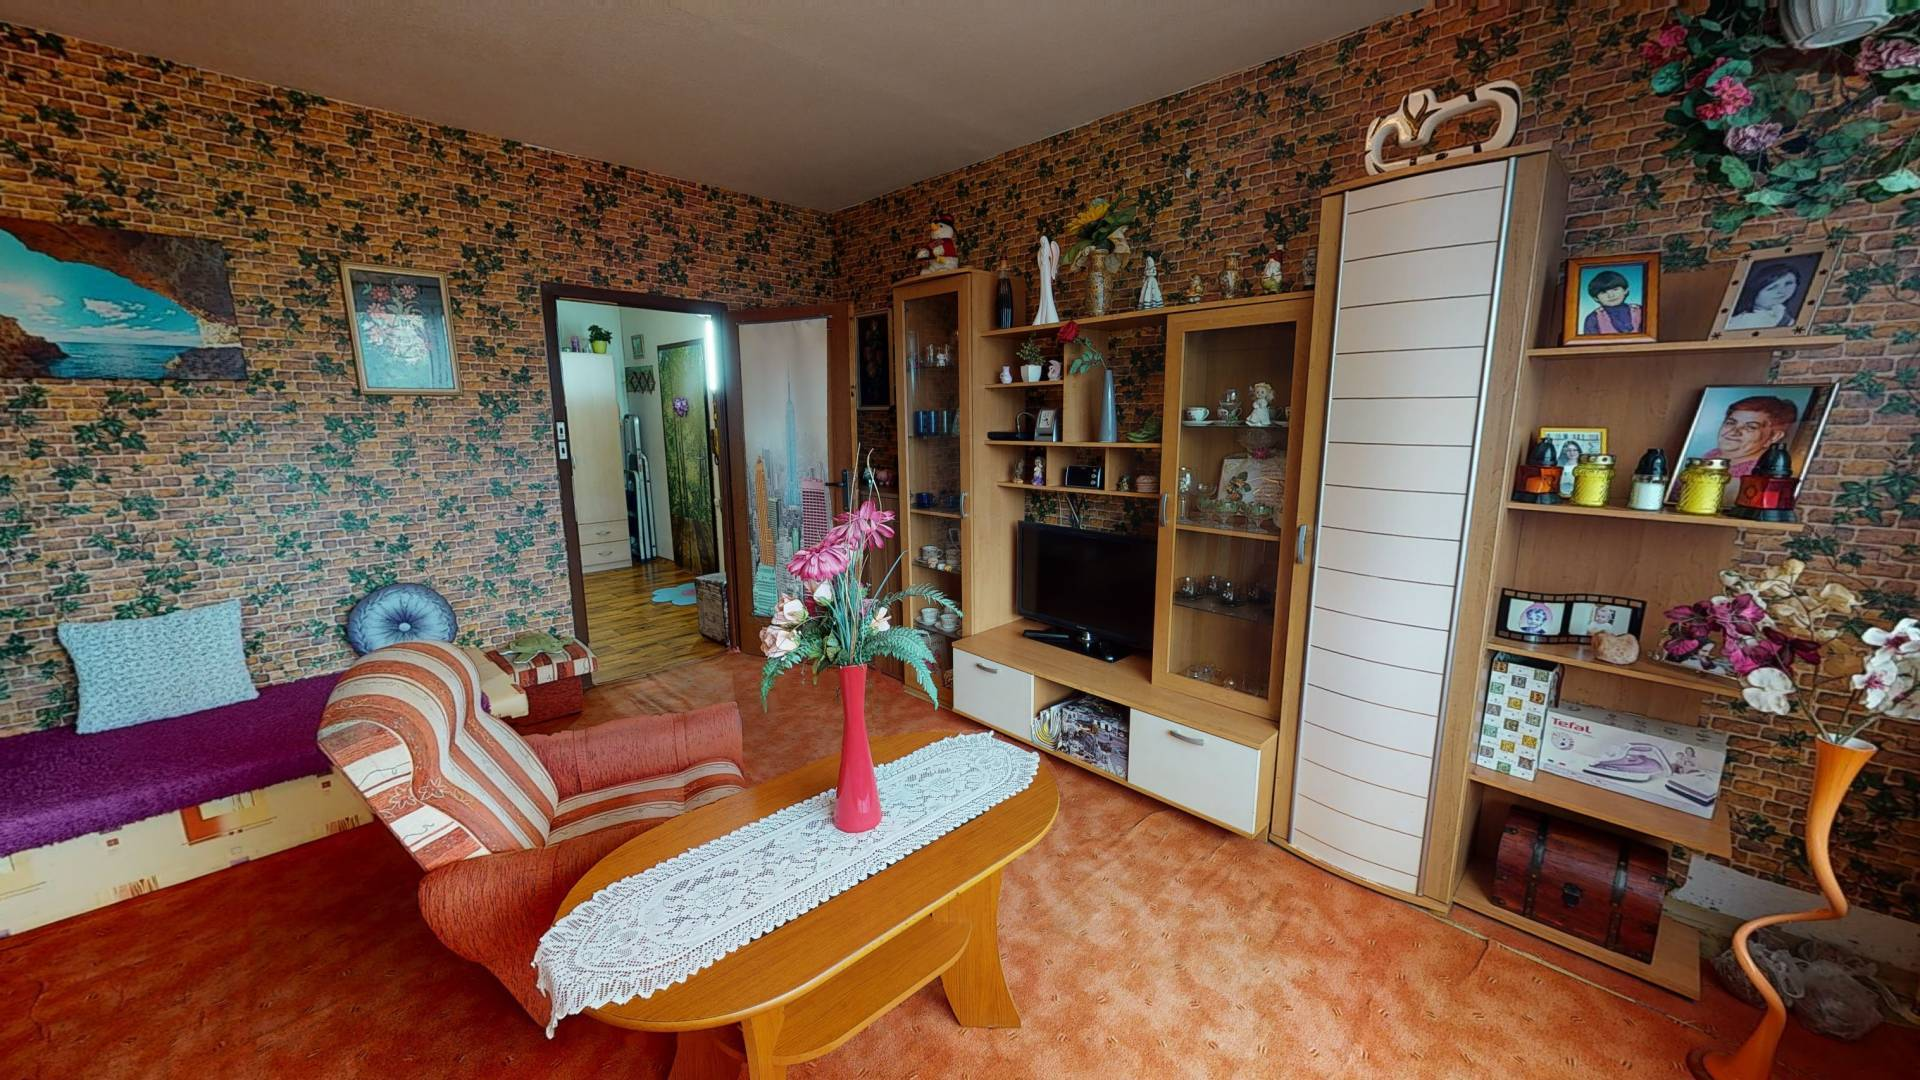 Predaj bytu (3 izbový) 61 m2, Košice - Sídlisko KVP - 3 izbový byt na predaj, Košice